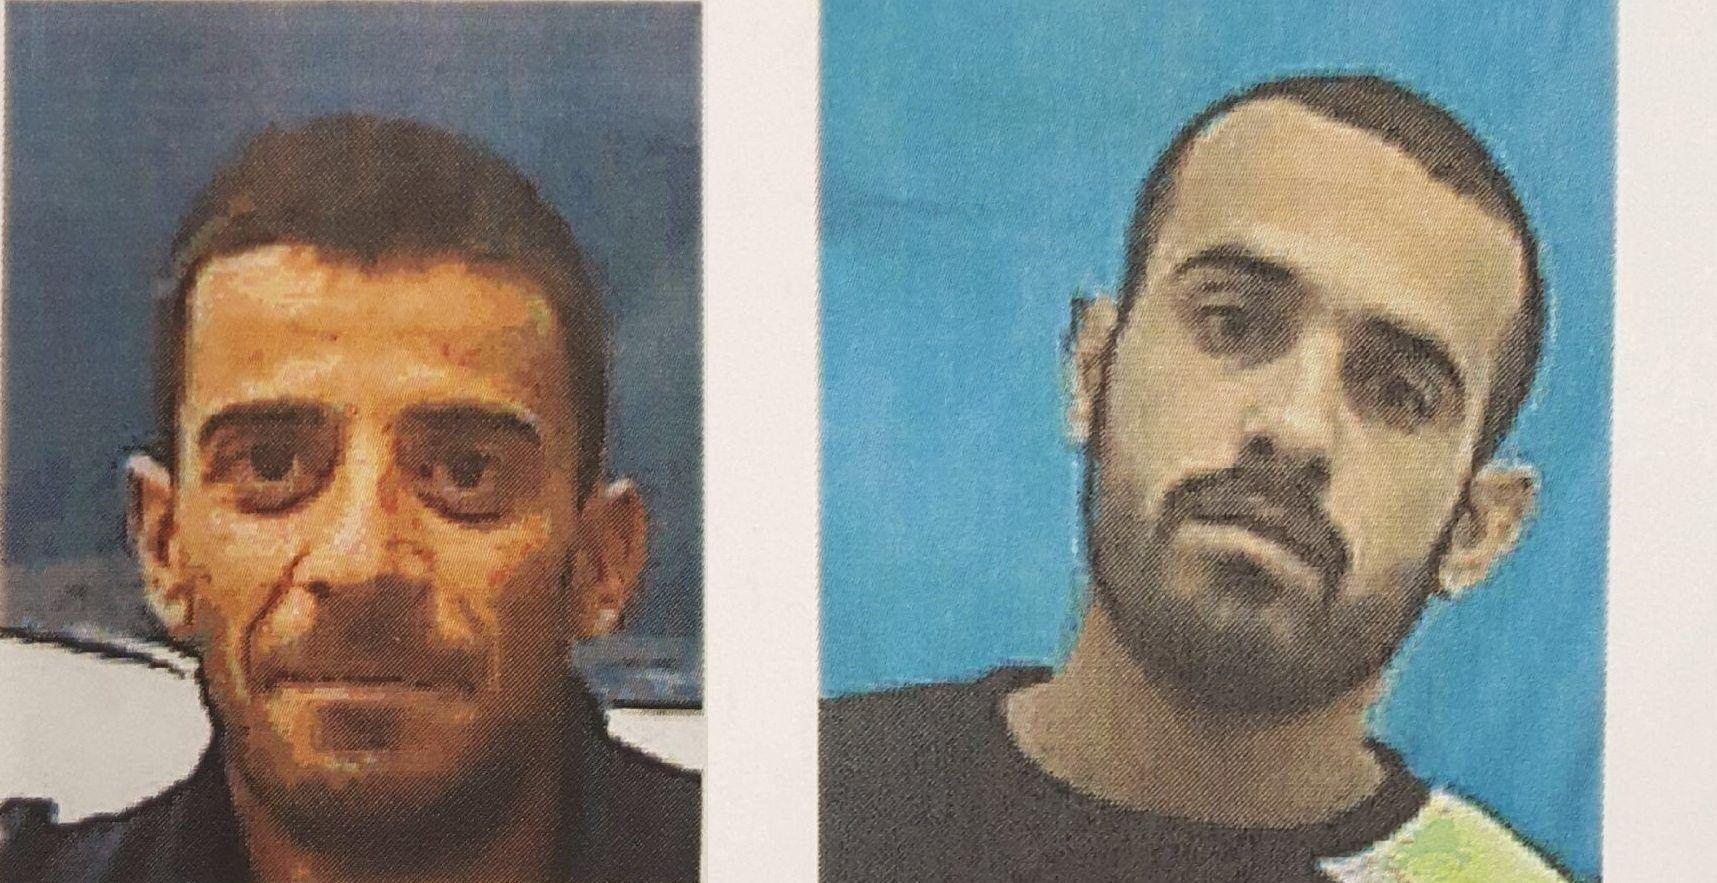 Muhammad Ali Ibrahim al-Askara og Awad Mahmoud al-Asakra ledet terrorcellen. (Foto: Shin Bet)